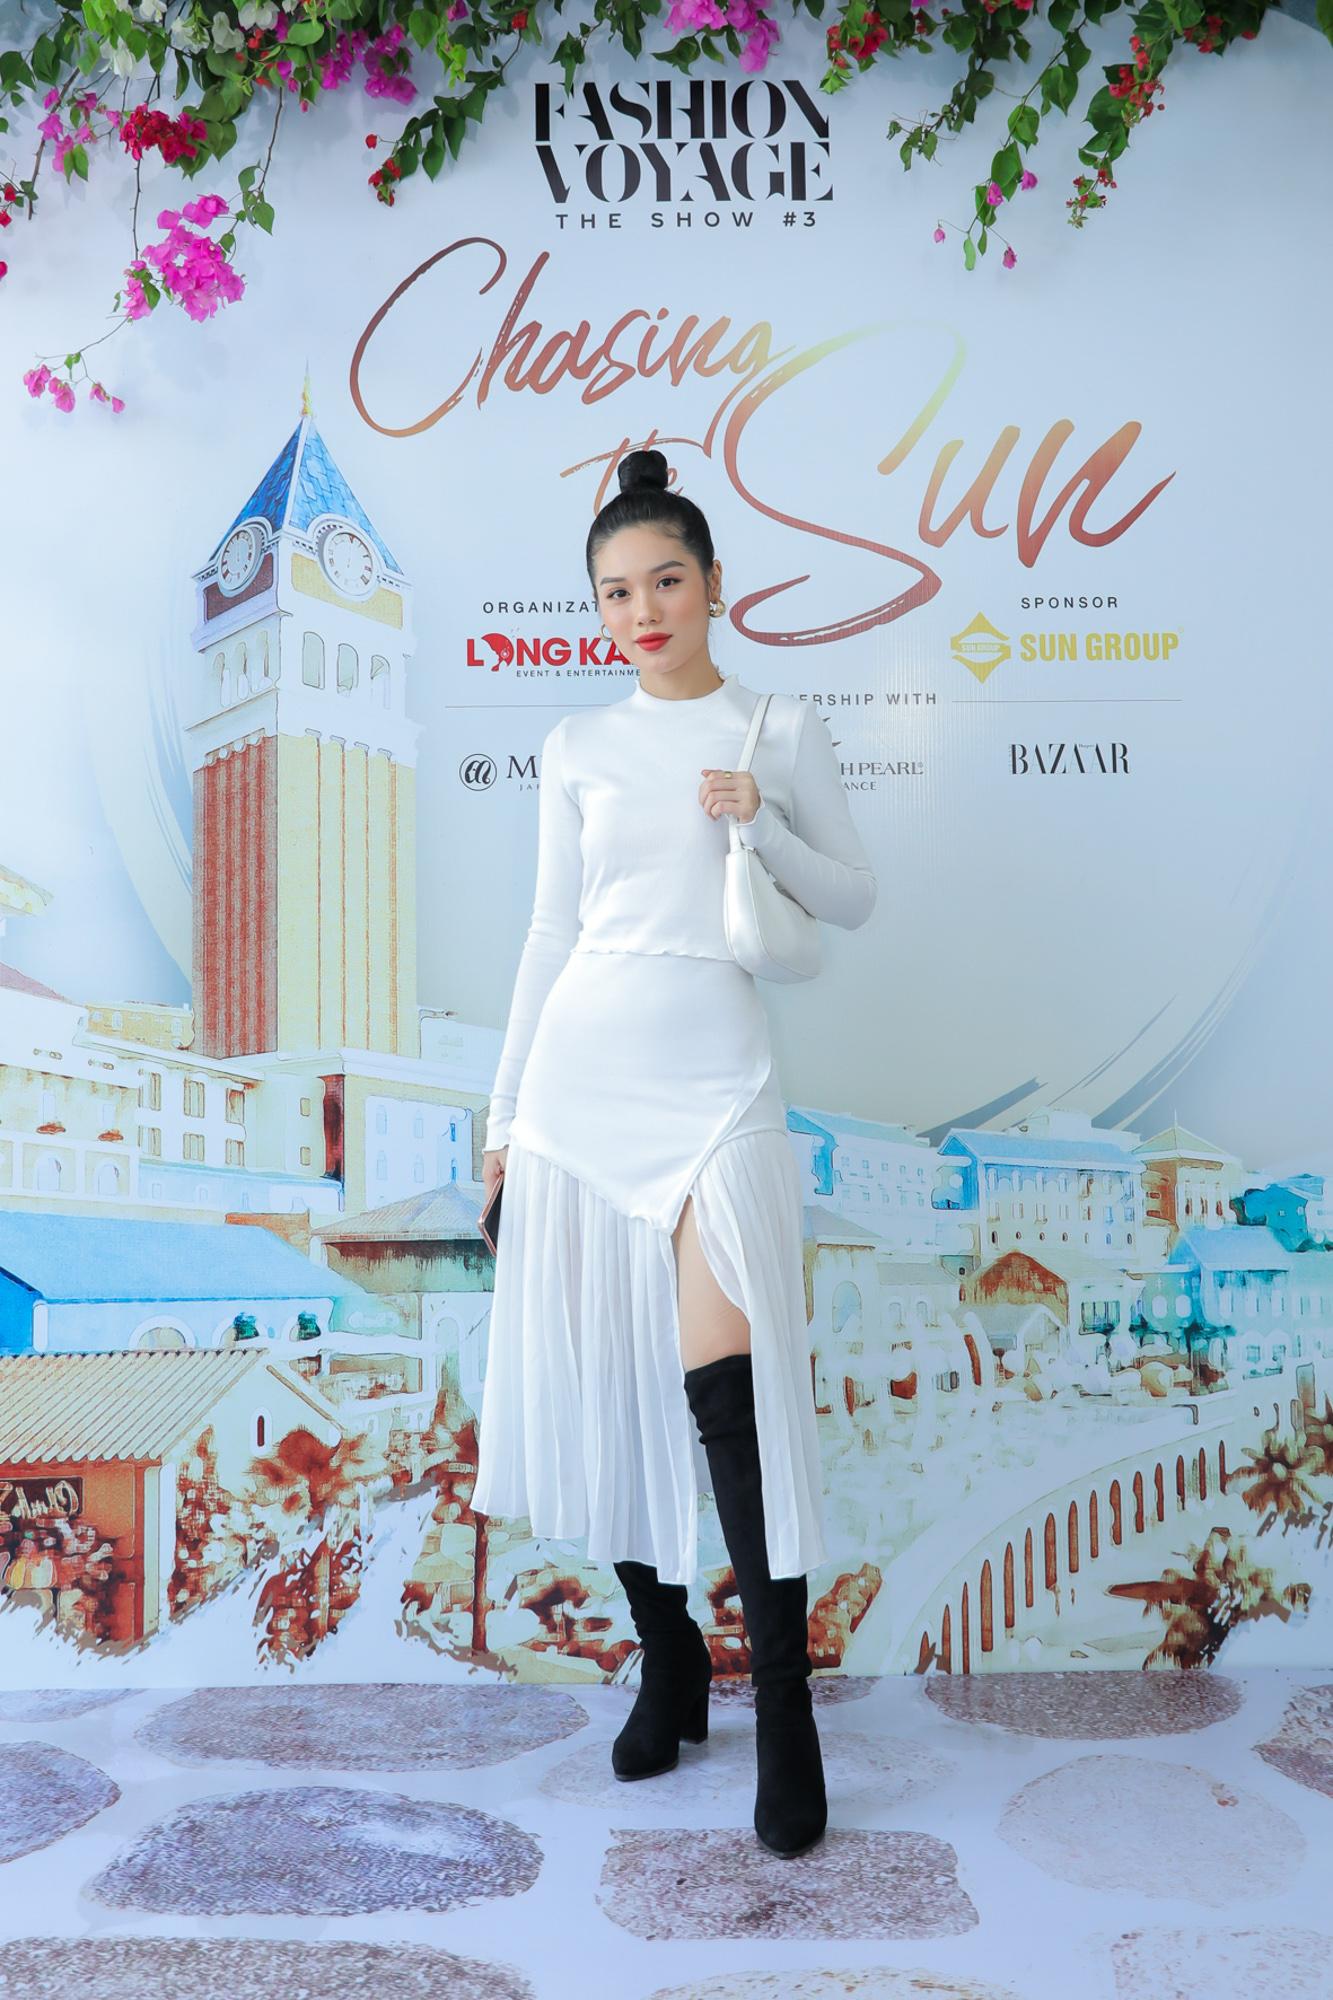 Mix & Phối - Thanh Hằng diện cả cây đồ hiệu, khoe kiểu tóc mới lạ mắt đi dự họp báo thời trang  - chanvaydep.net 3